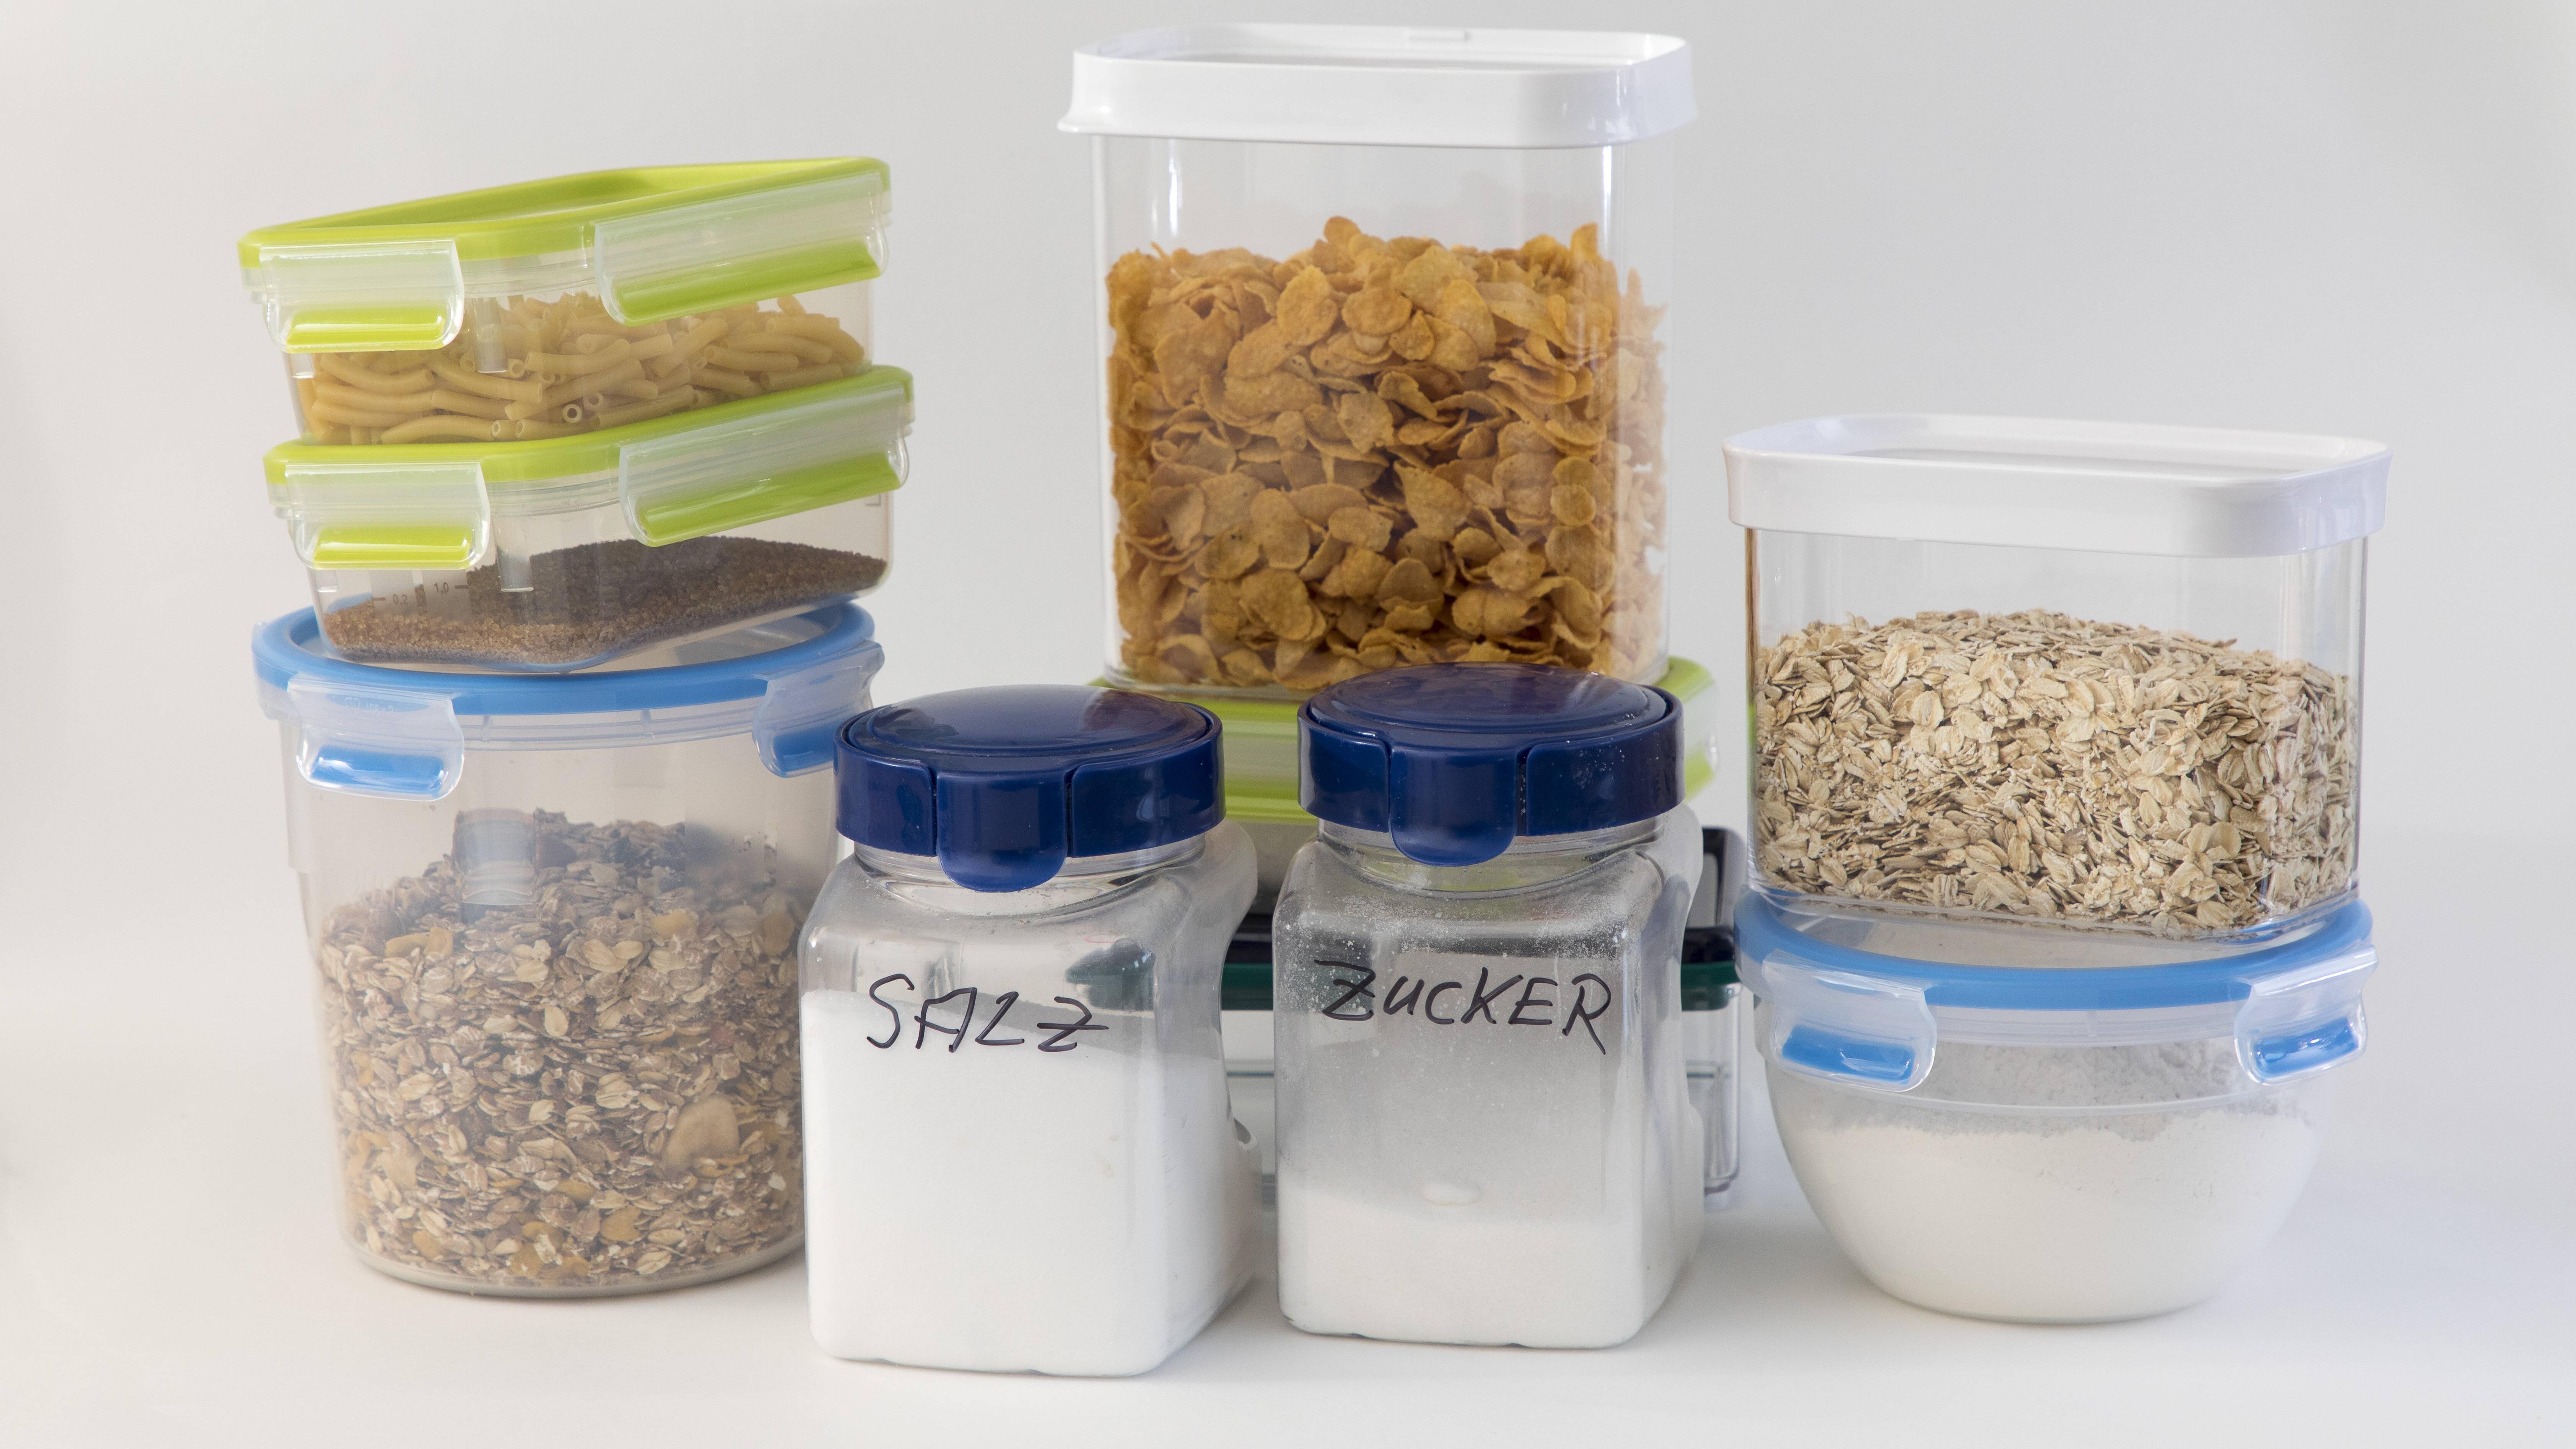 Müsli lässt sich gut in Behältern aufbewahren. Darin bleibt es knusprig.